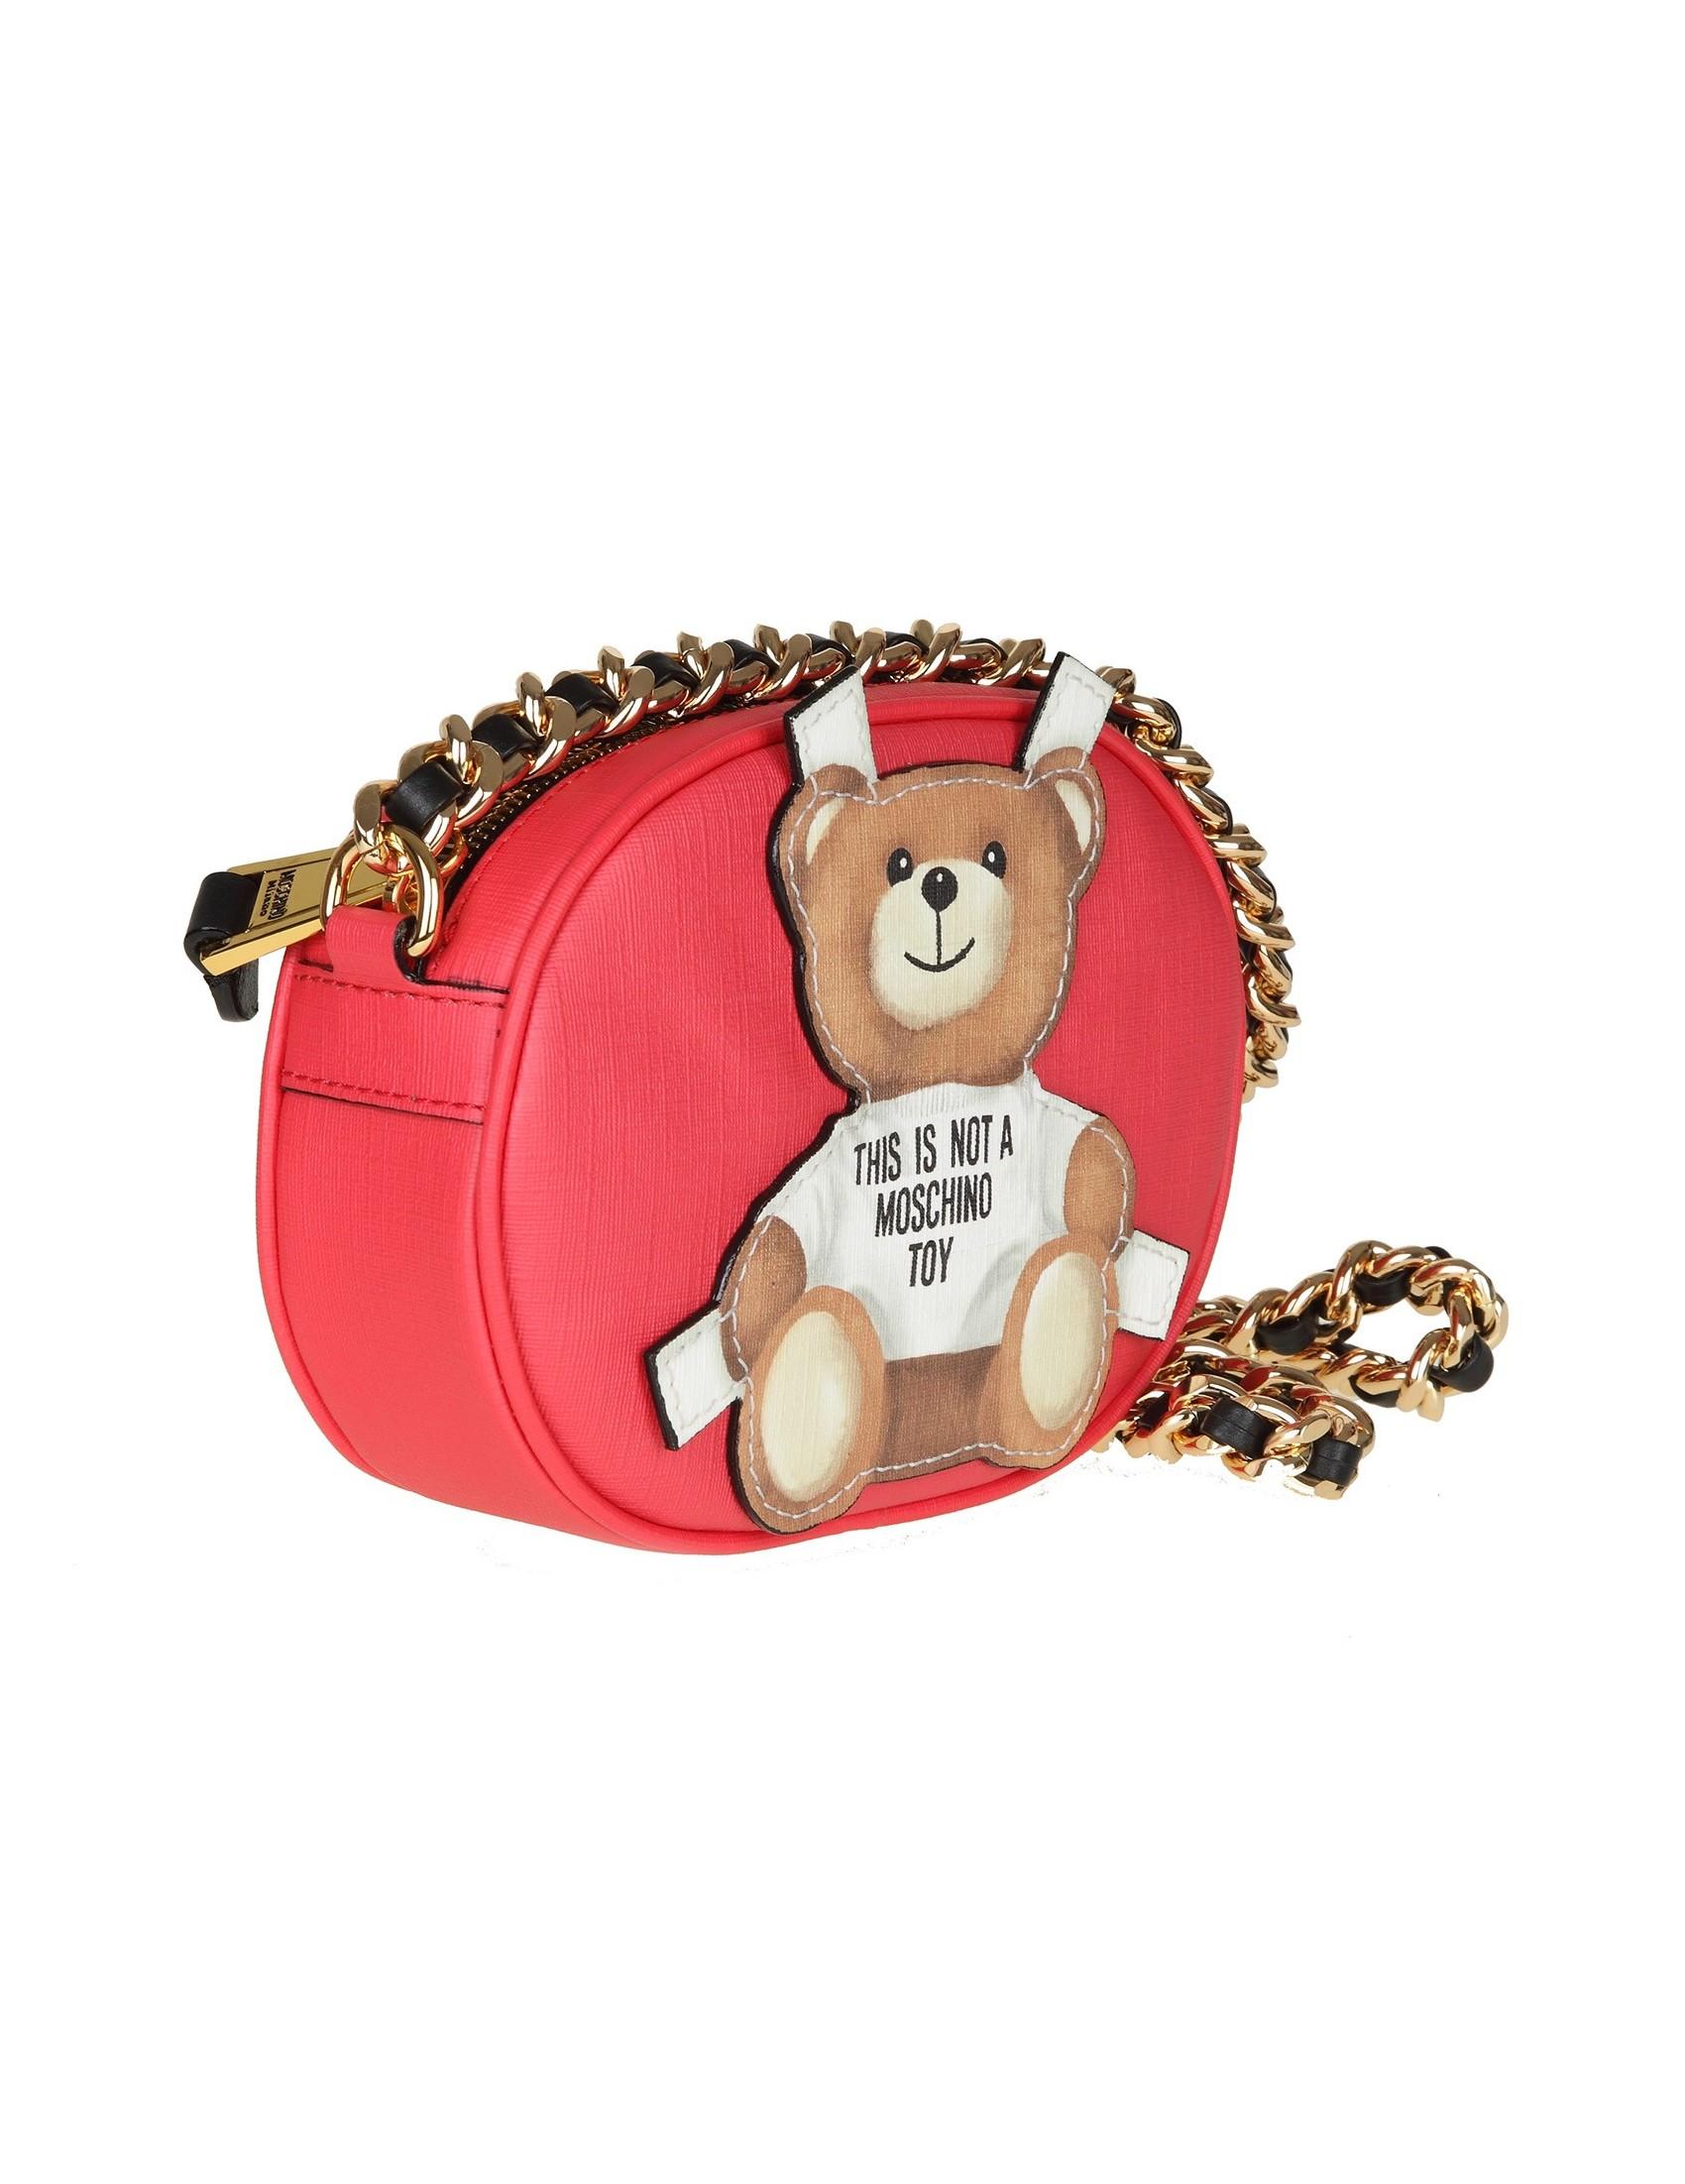 7a694ae551f0 moschino-borsa-tracolla-teddy-bear-in-ecopelle-colore-rosso.jpg